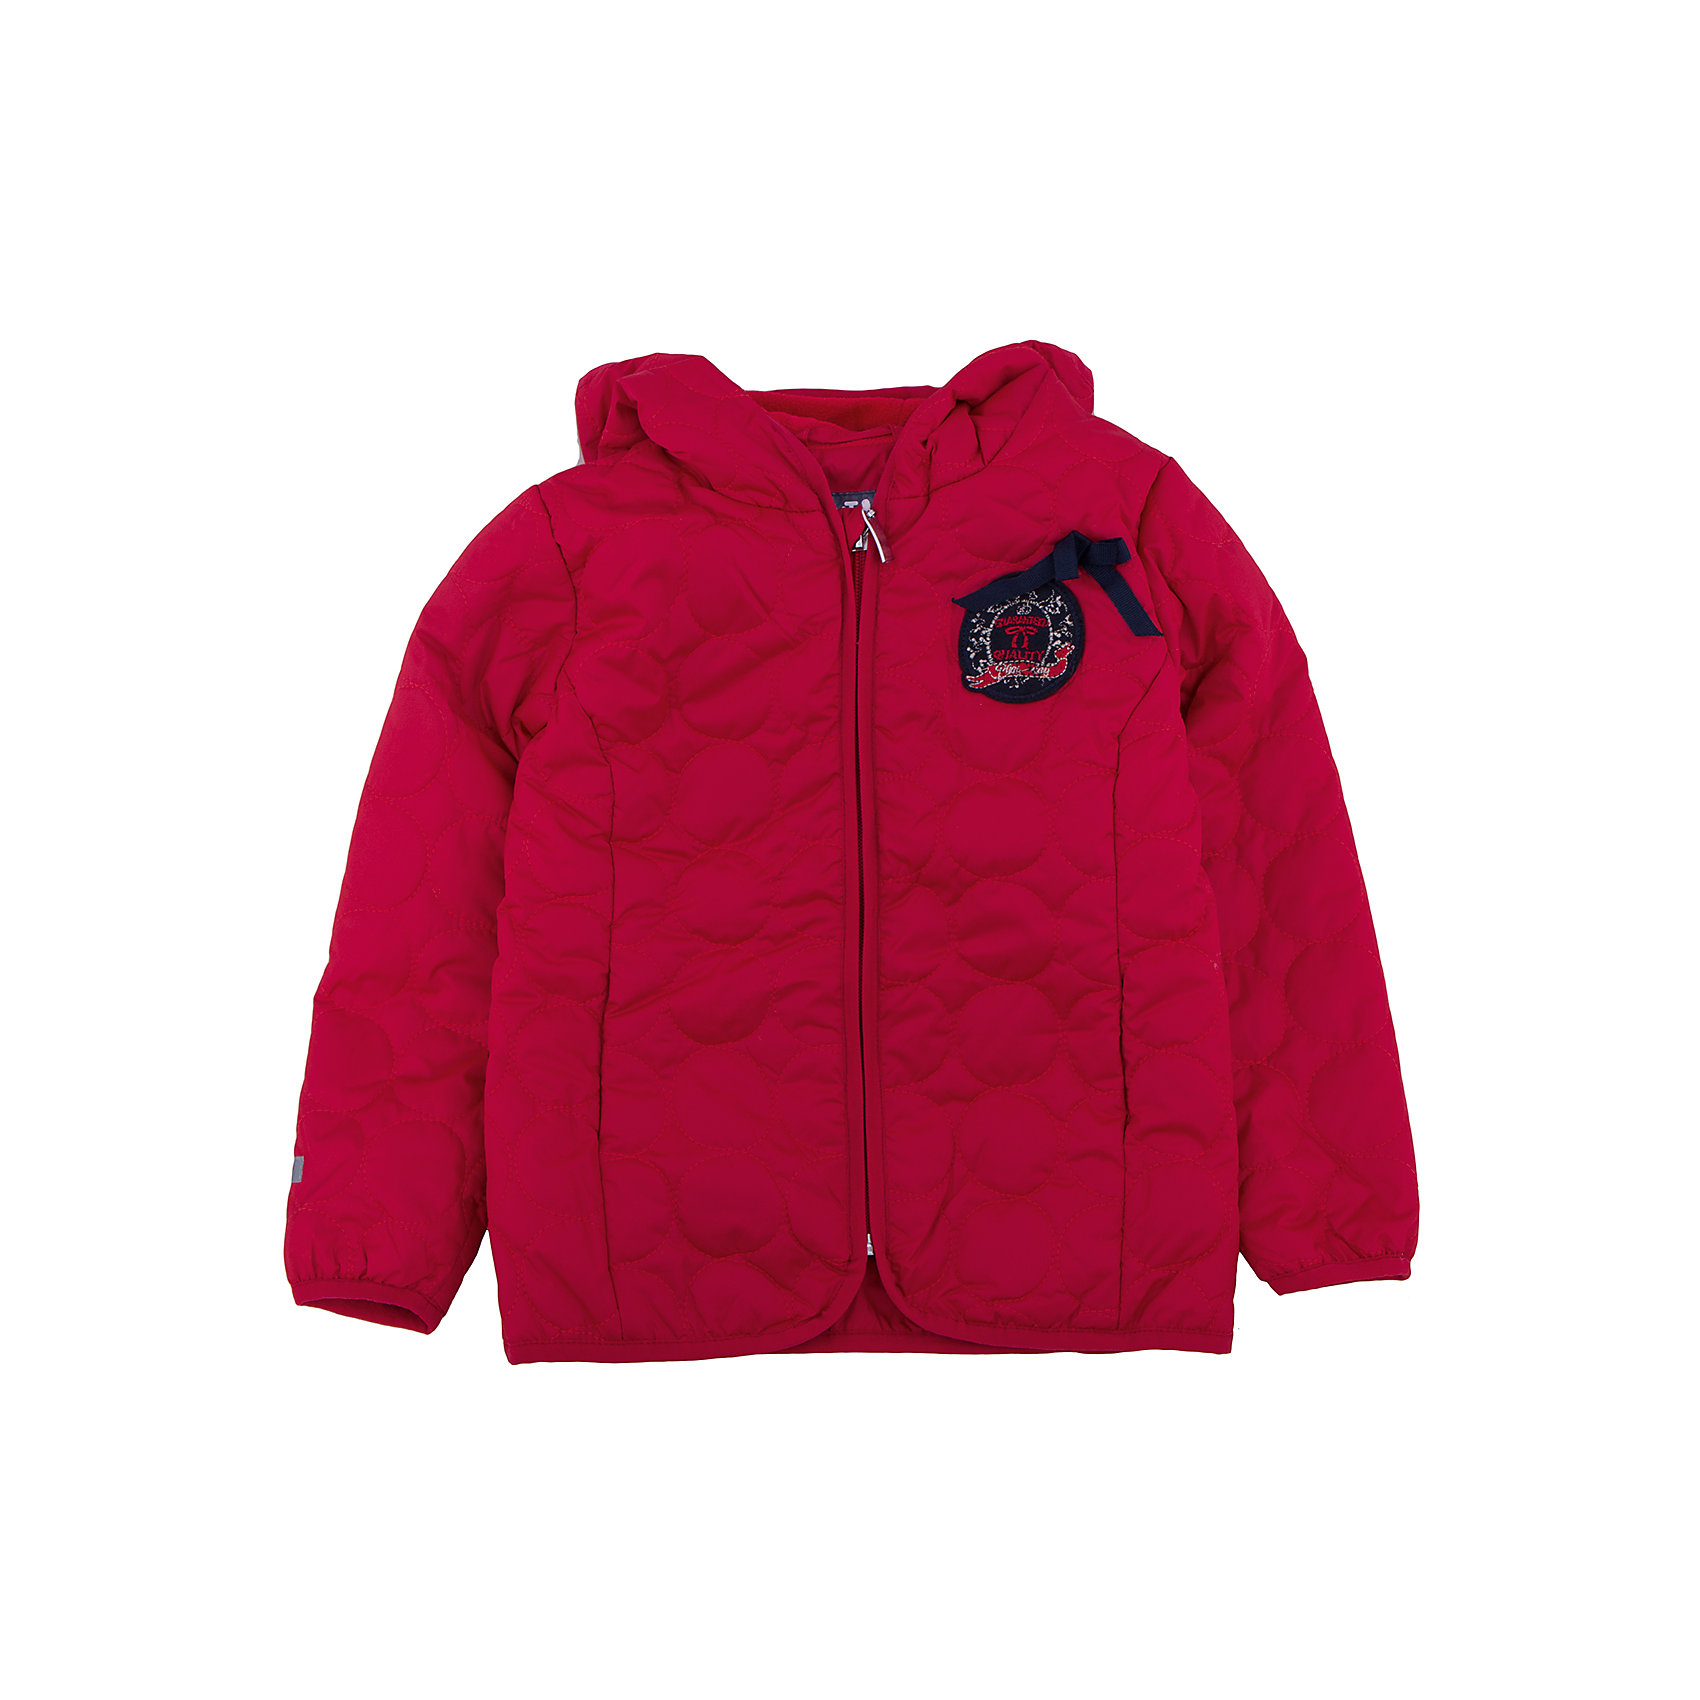 Куртка для девочки PlayTodayКуртка для девочки от известного бренда PlayToday.<br>Стильная красная куртка с фигурной стежкой.  Отсутствие большого количества синтепона компенсируется теплой флисовой подкладкой. Куртка легкая и удобная, но в ней можно гулять хоть весь день. Застегивается на молнию с защитой подбородка. Края обработаны мягким эластичным кантом для защиты от ветра.<br>Состав:<br>Верх: 100% полиэстер, Подкладка: 100% полиэстер, Наполнитель: 100% полиэстер, 150 г/м2<br><br>Ширина мм: 356<br>Глубина мм: 10<br>Высота мм: 245<br>Вес г: 519<br>Цвет: красный<br>Возраст от месяцев: 36<br>Возраст до месяцев: 48<br>Пол: Женский<br>Возраст: Детский<br>Размер: 104,122,98,110,116,128<br>SKU: 4897537